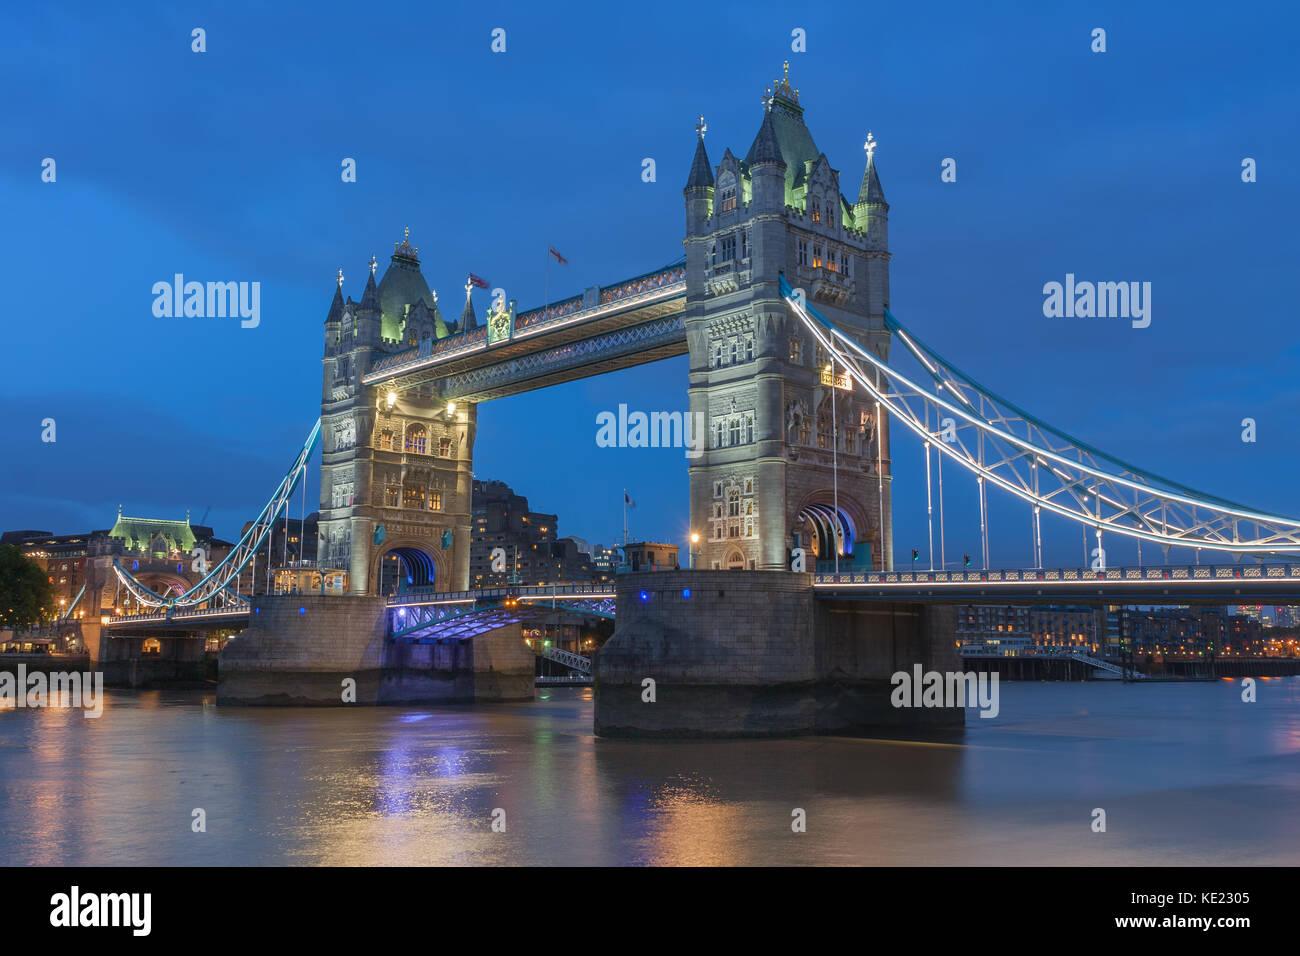 Tower Bridge en la noche, Londres, Inglaterra. Imagen De Stock